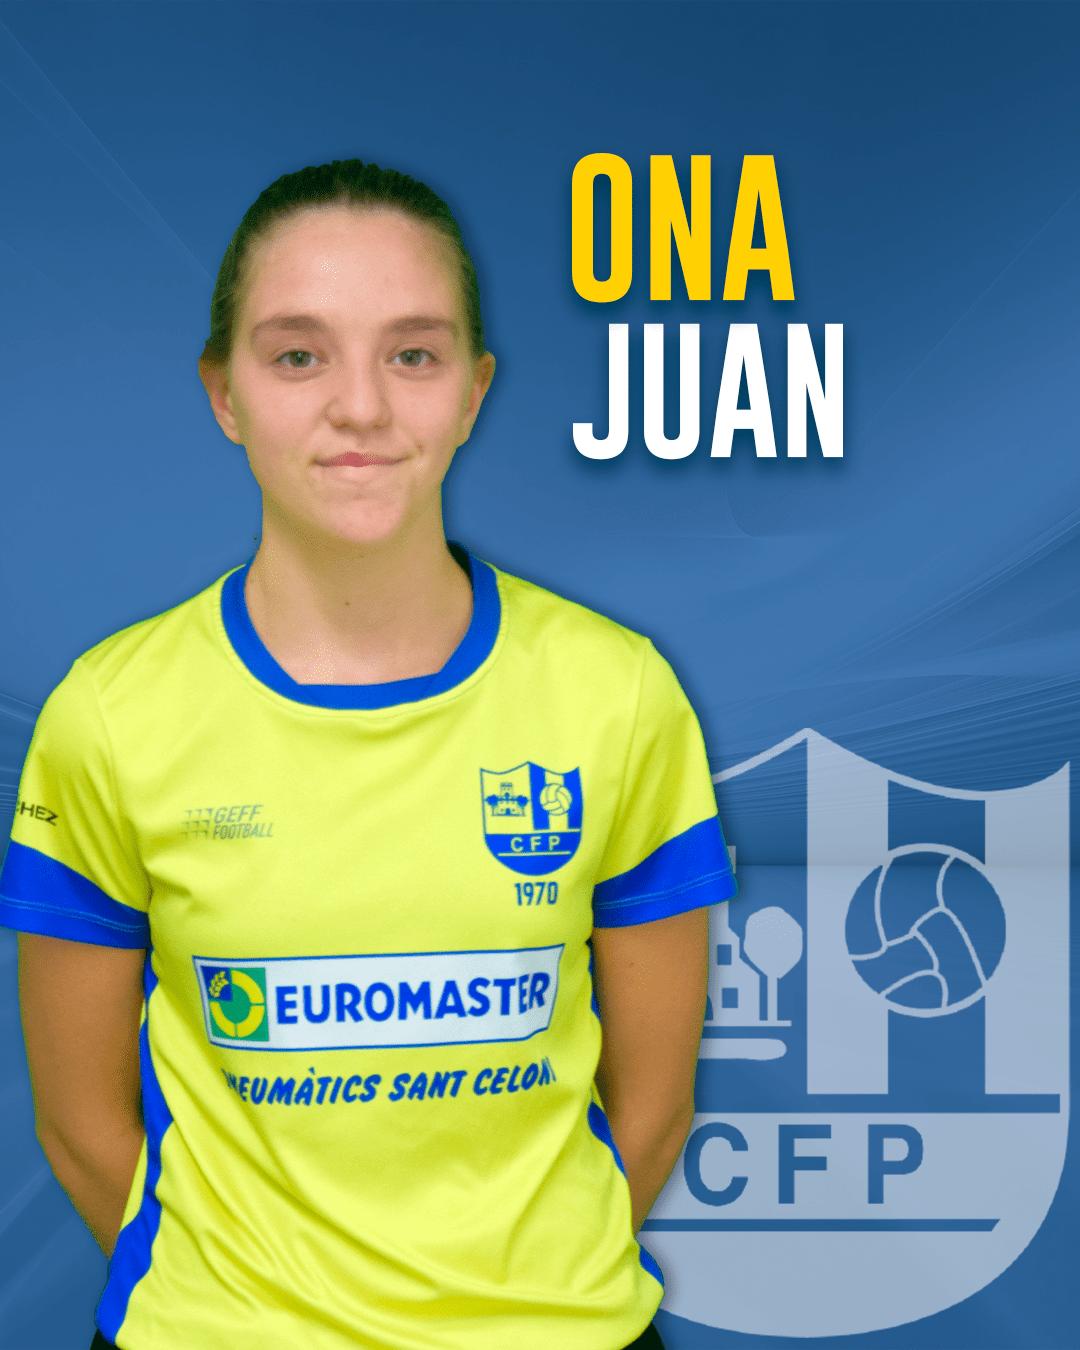 Ona Juan